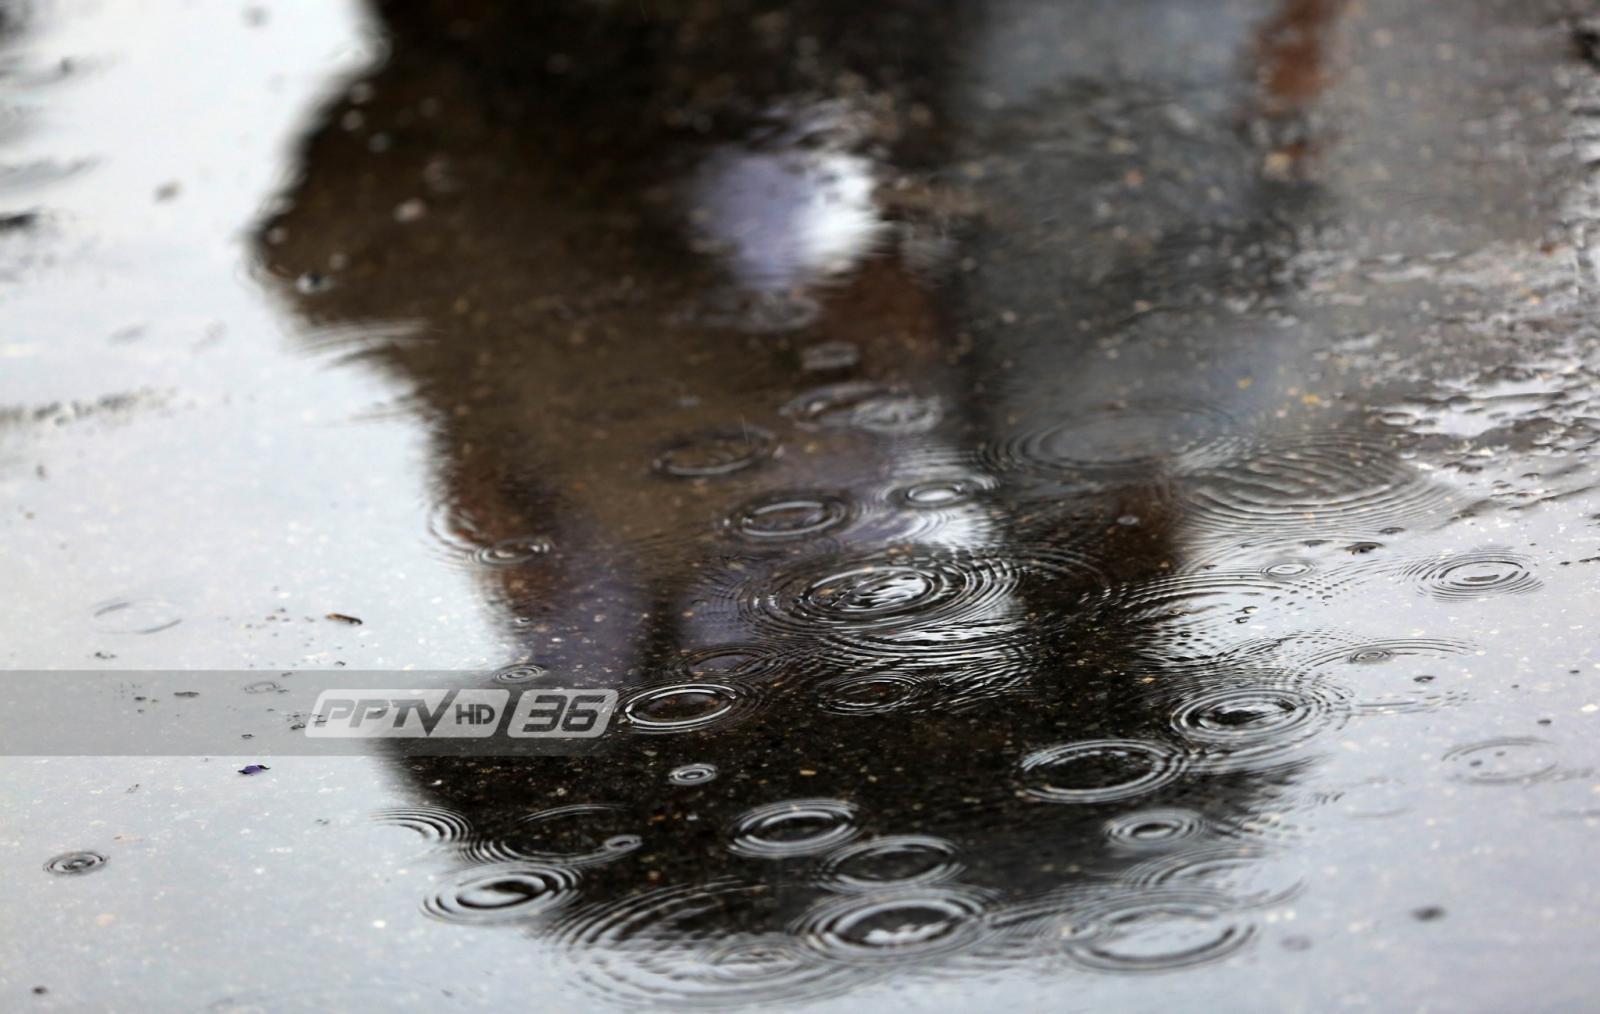 """พยากรณ์อากาศ ศุกร์13 ก.ย.62 """"เหนือ-อีสาน""""มีฝนตกมากกว่าภาคอื่น"""